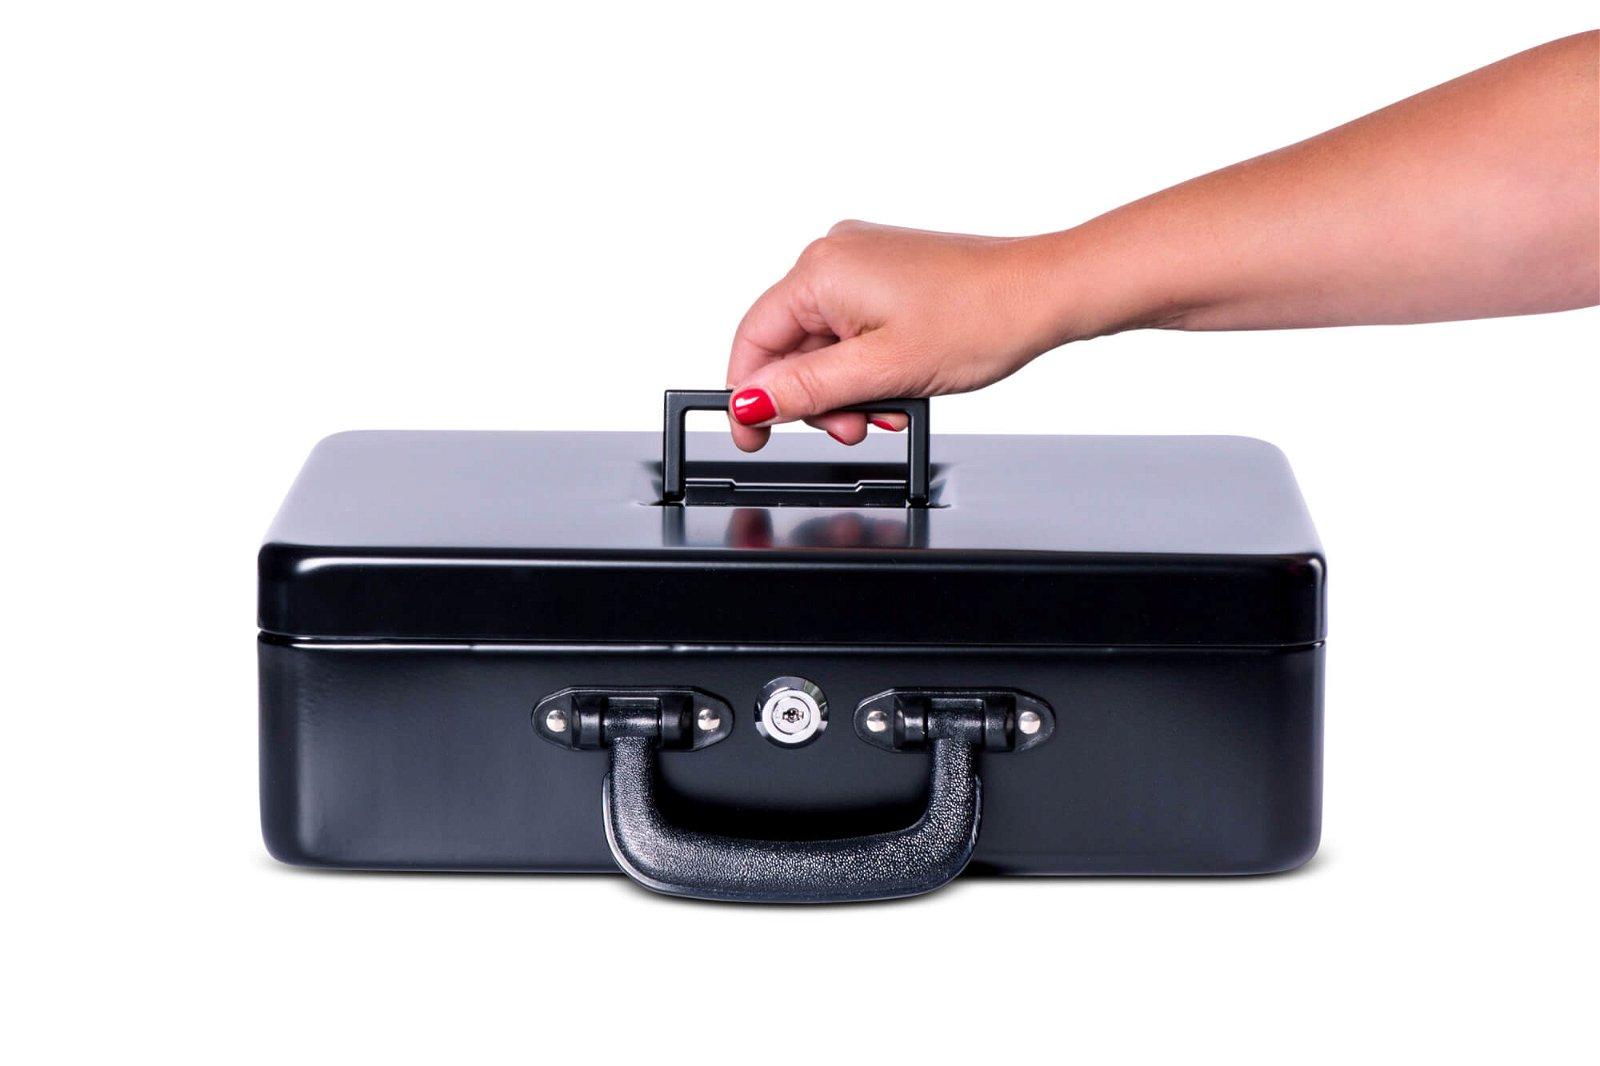 Geldkassette mit Euro-Zähl- -Einsatz, 36 x 26,5 x 11,2 cm, schwarz